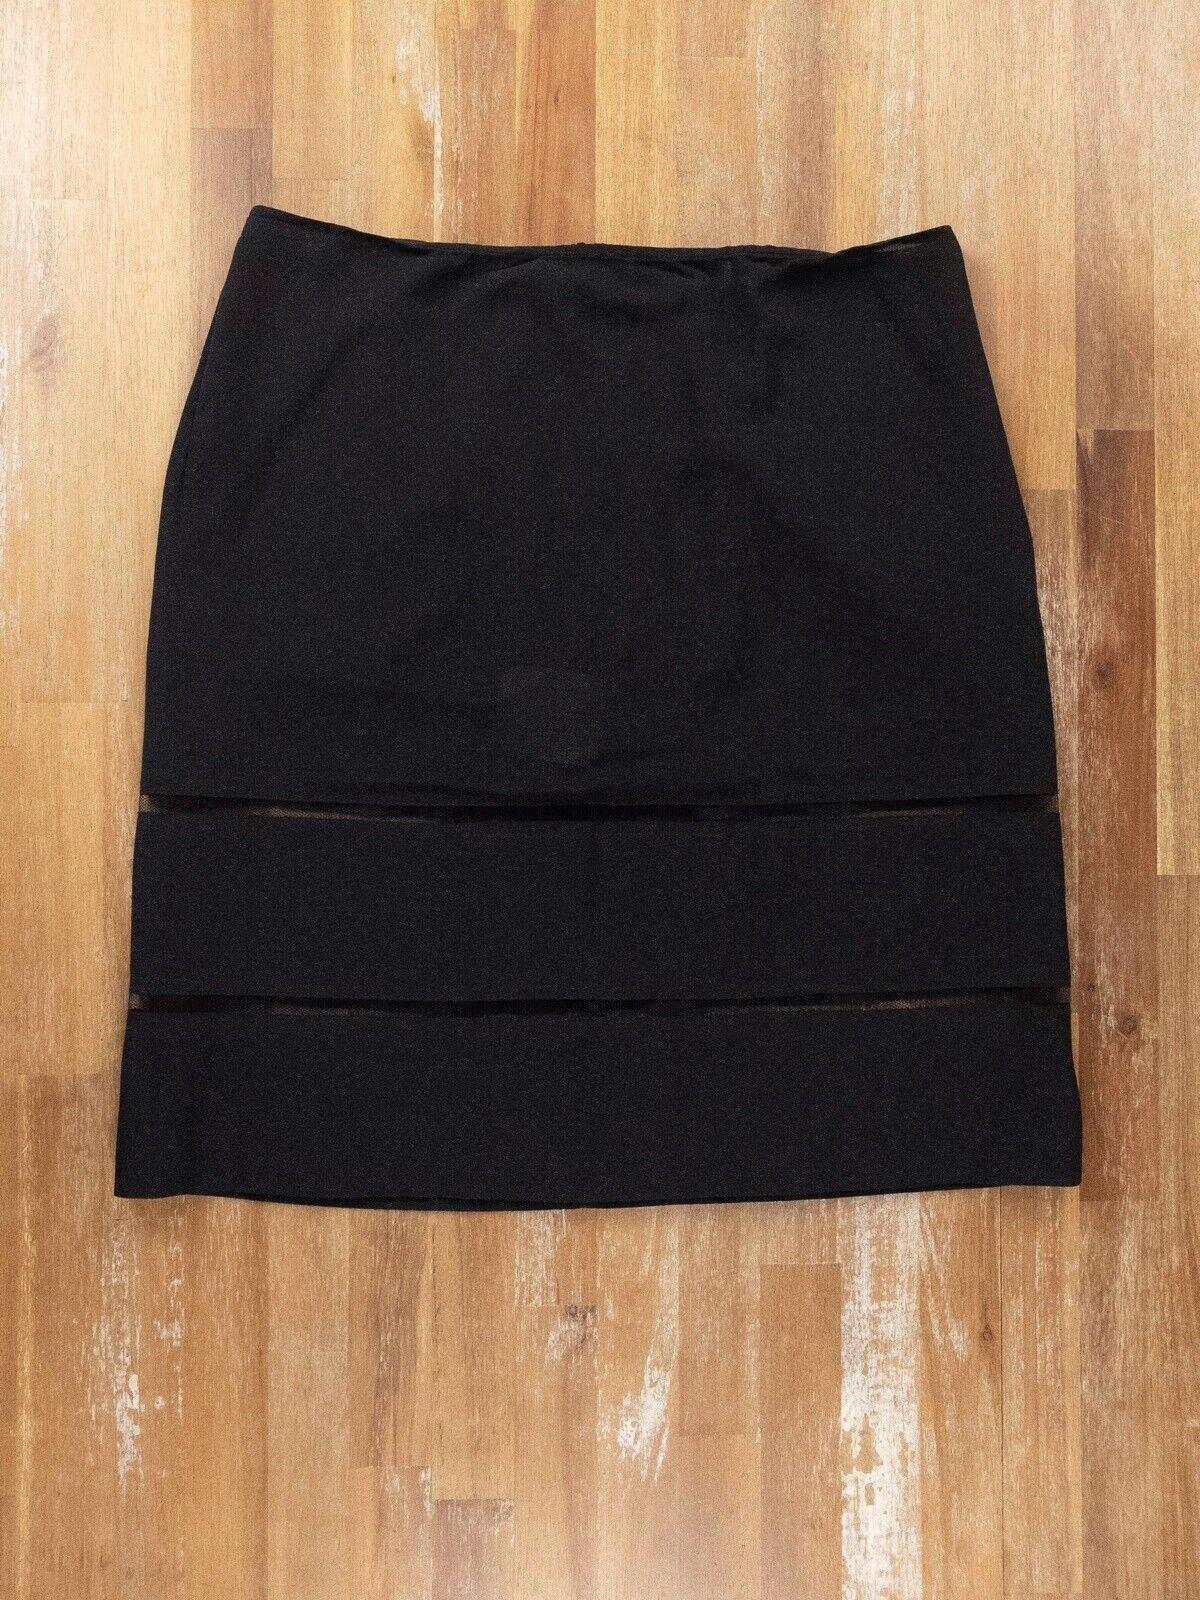 Jil Sander soie noire jupe authentique-taille 40 8 US-Neuf sans étiquette